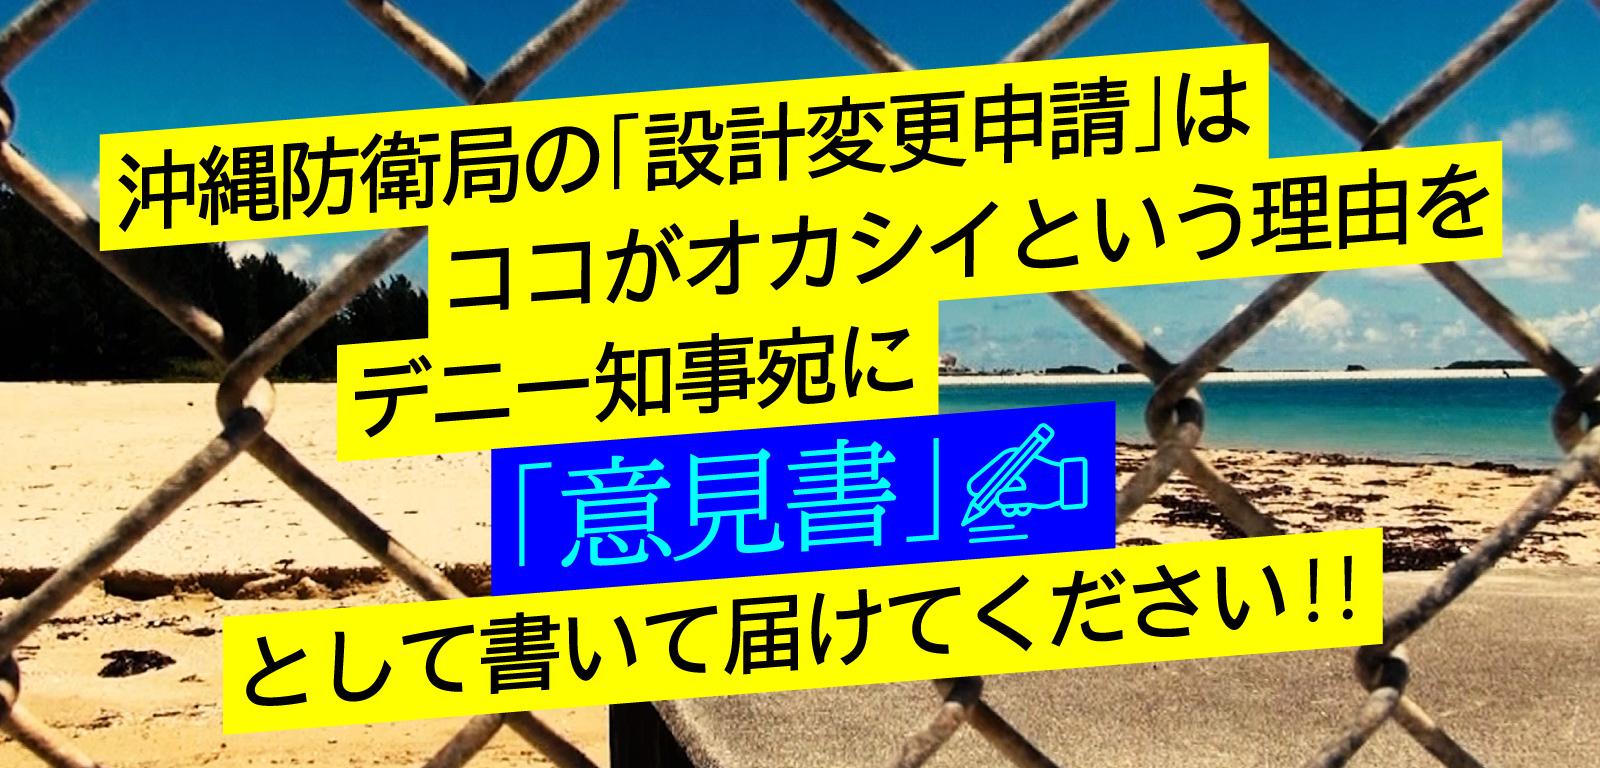 沖縄防衛局の「設計変更申請」はココがオカシイを玉城デニー知事に「意見書」として届けて下さい!!